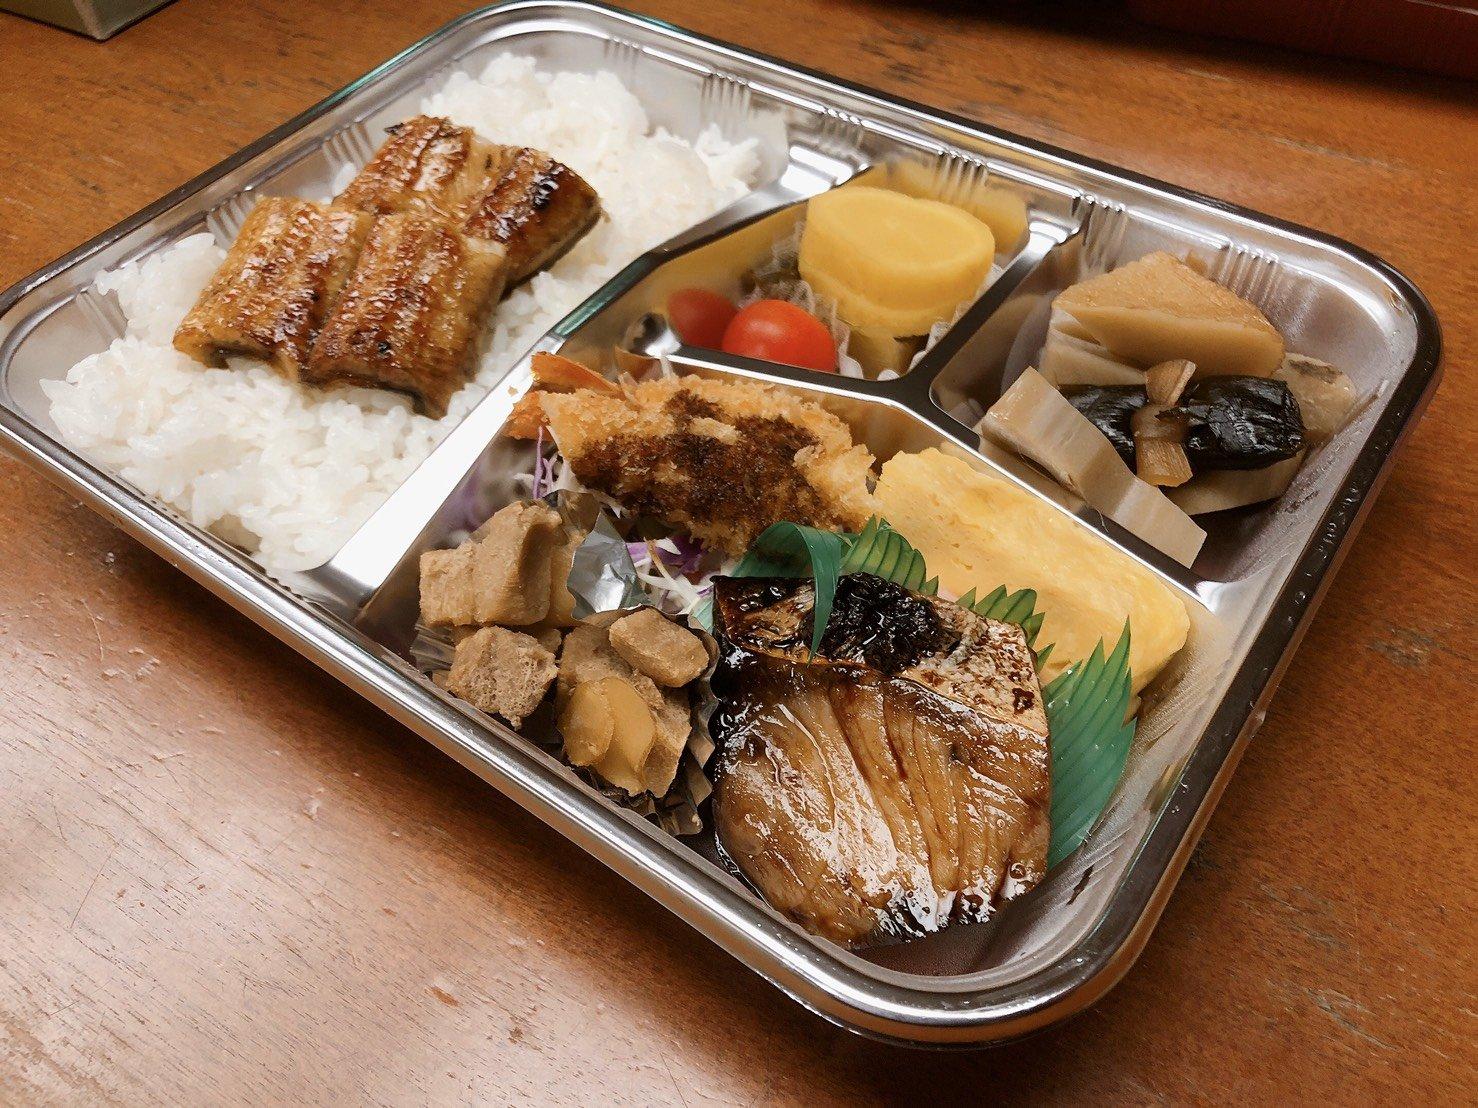 【テイクアウト・出前用】お弁当(うなぎ入り)・味噌汁付のイメージその2